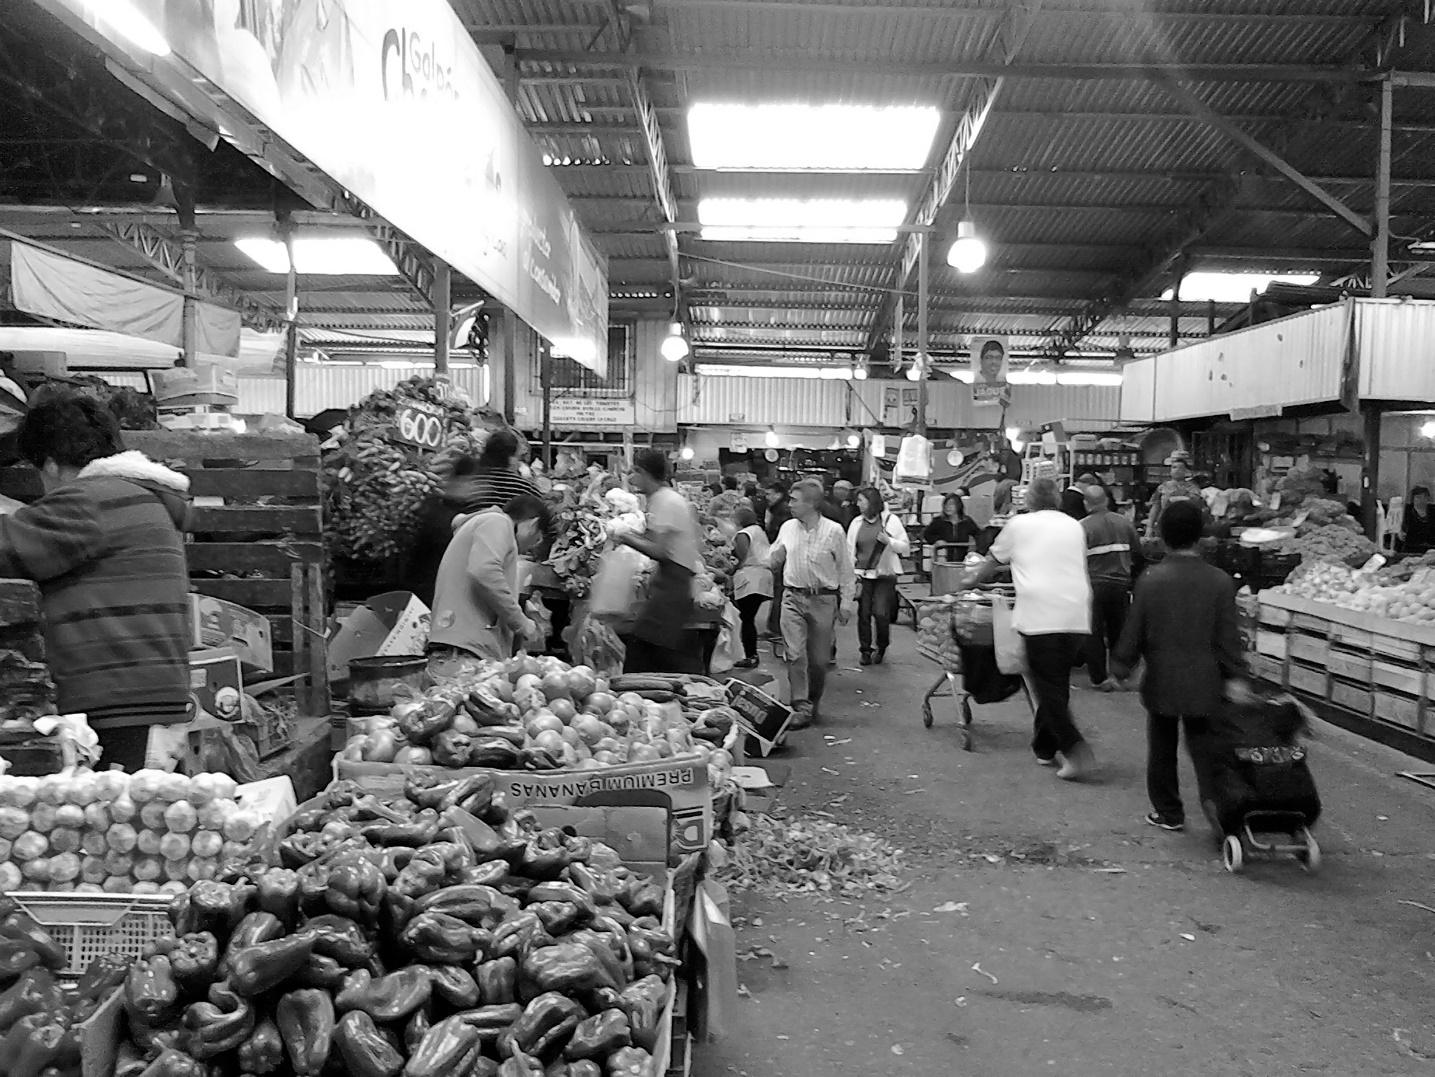 Espacios de intercambio comercial en Santiago de Chile: tres maneras ...